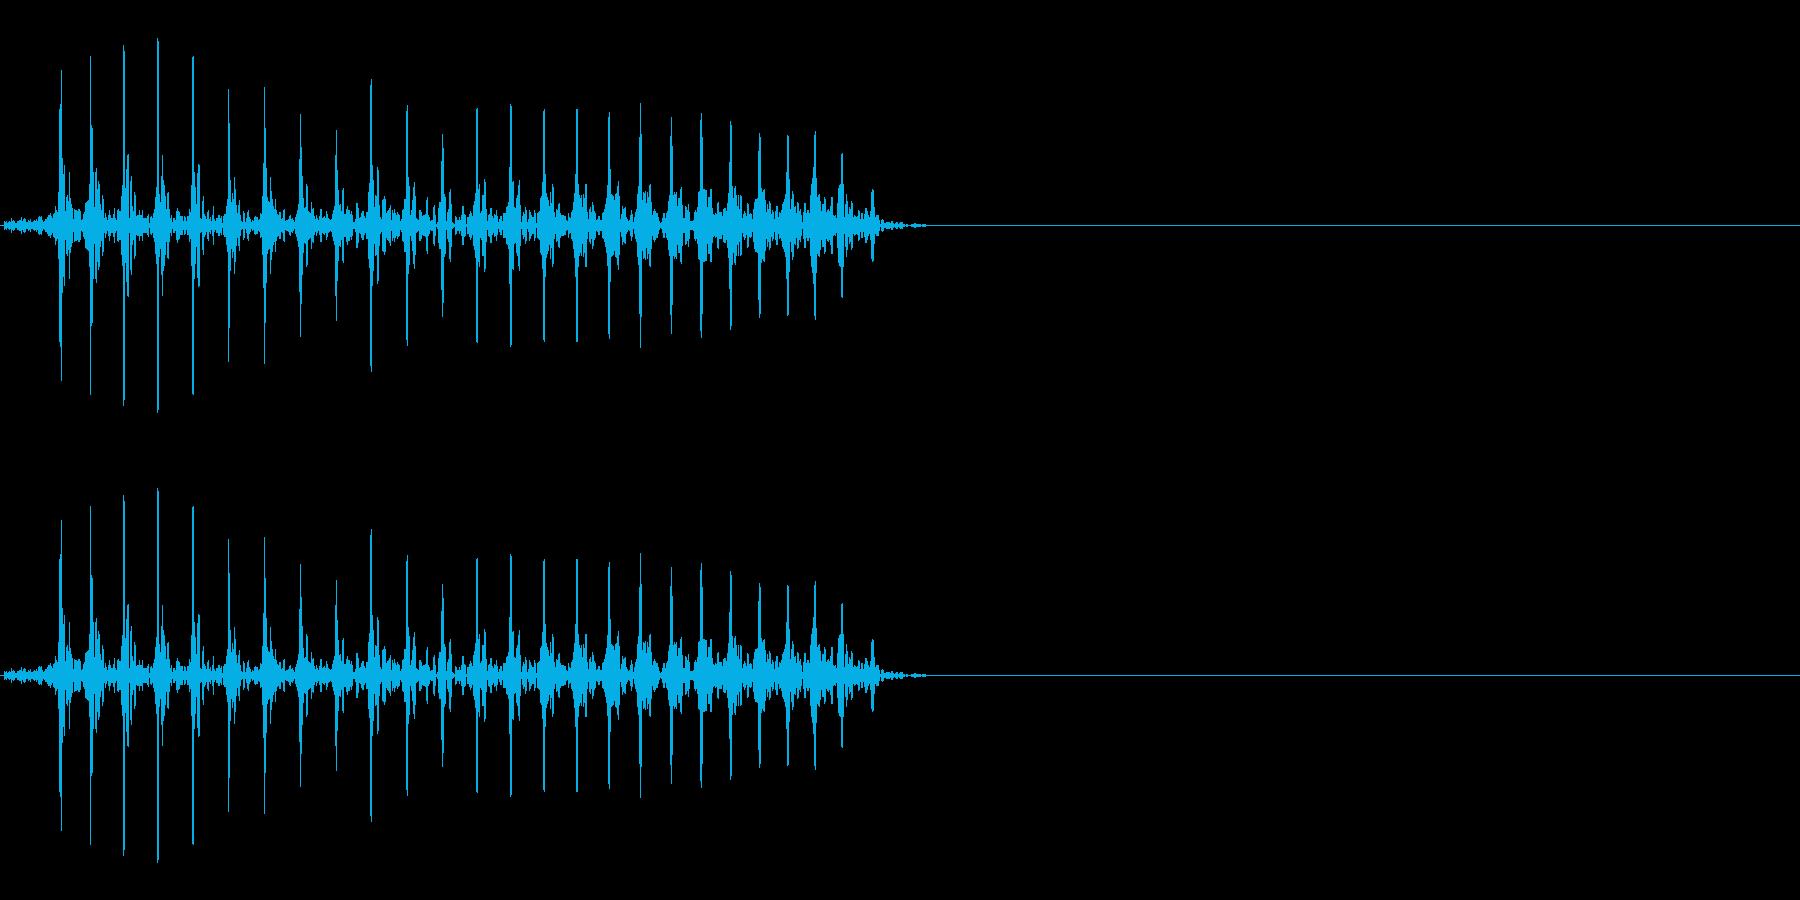 ガウ 9(九)中国語(広東)20代男の再生済みの波形